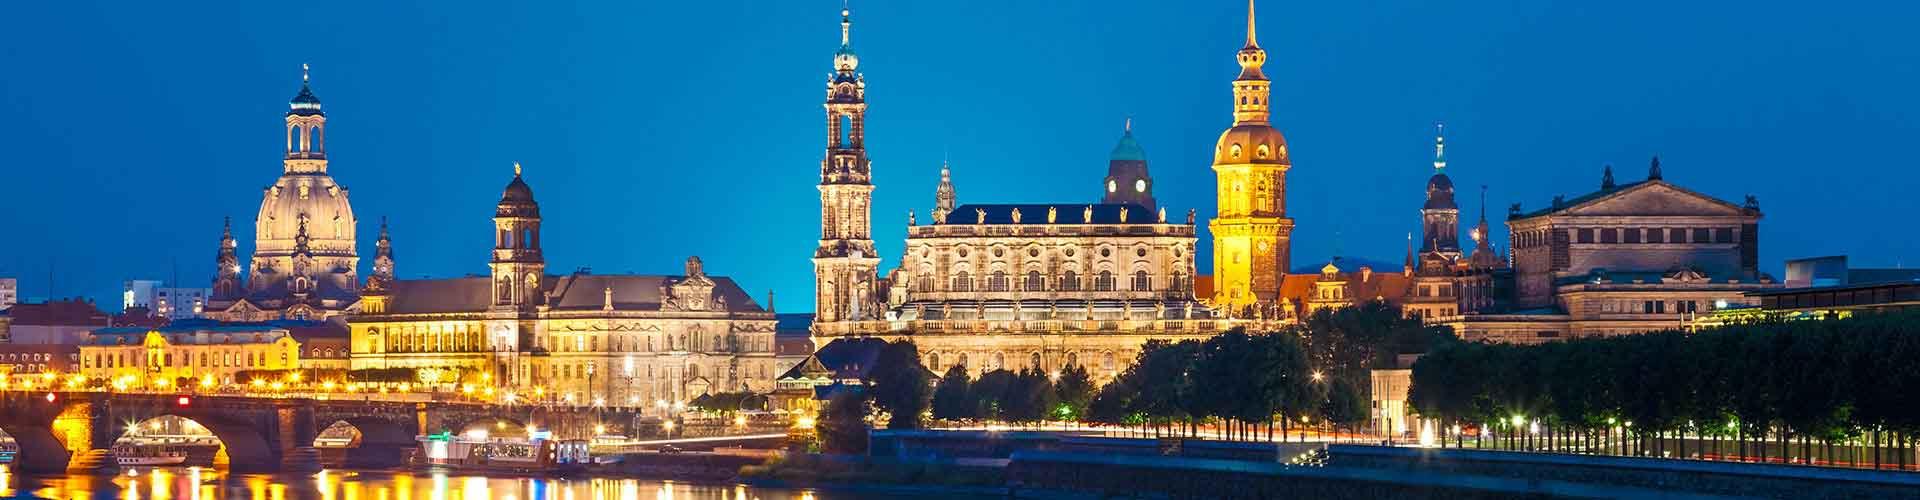 Dresde - Campamentos en Dresde. Mapas de Dresde, Fotos y Comentarios para cada campamento en Dresde.